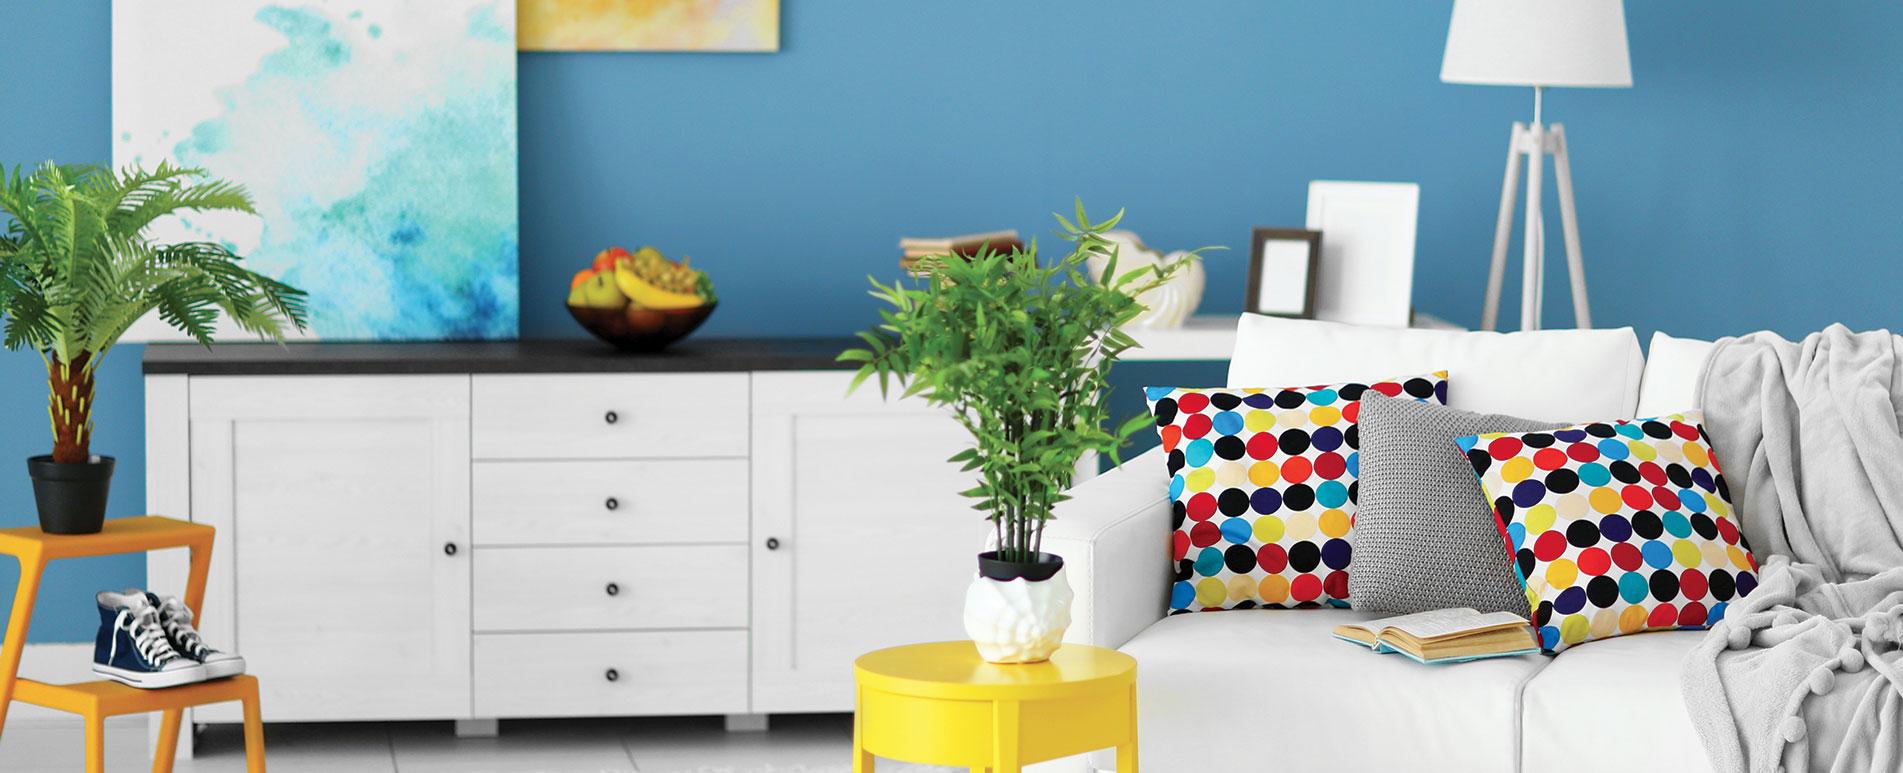 produits de r novation et d coration int rieure meuble parquet murs sol et boiseries. Black Bedroom Furniture Sets. Home Design Ideas